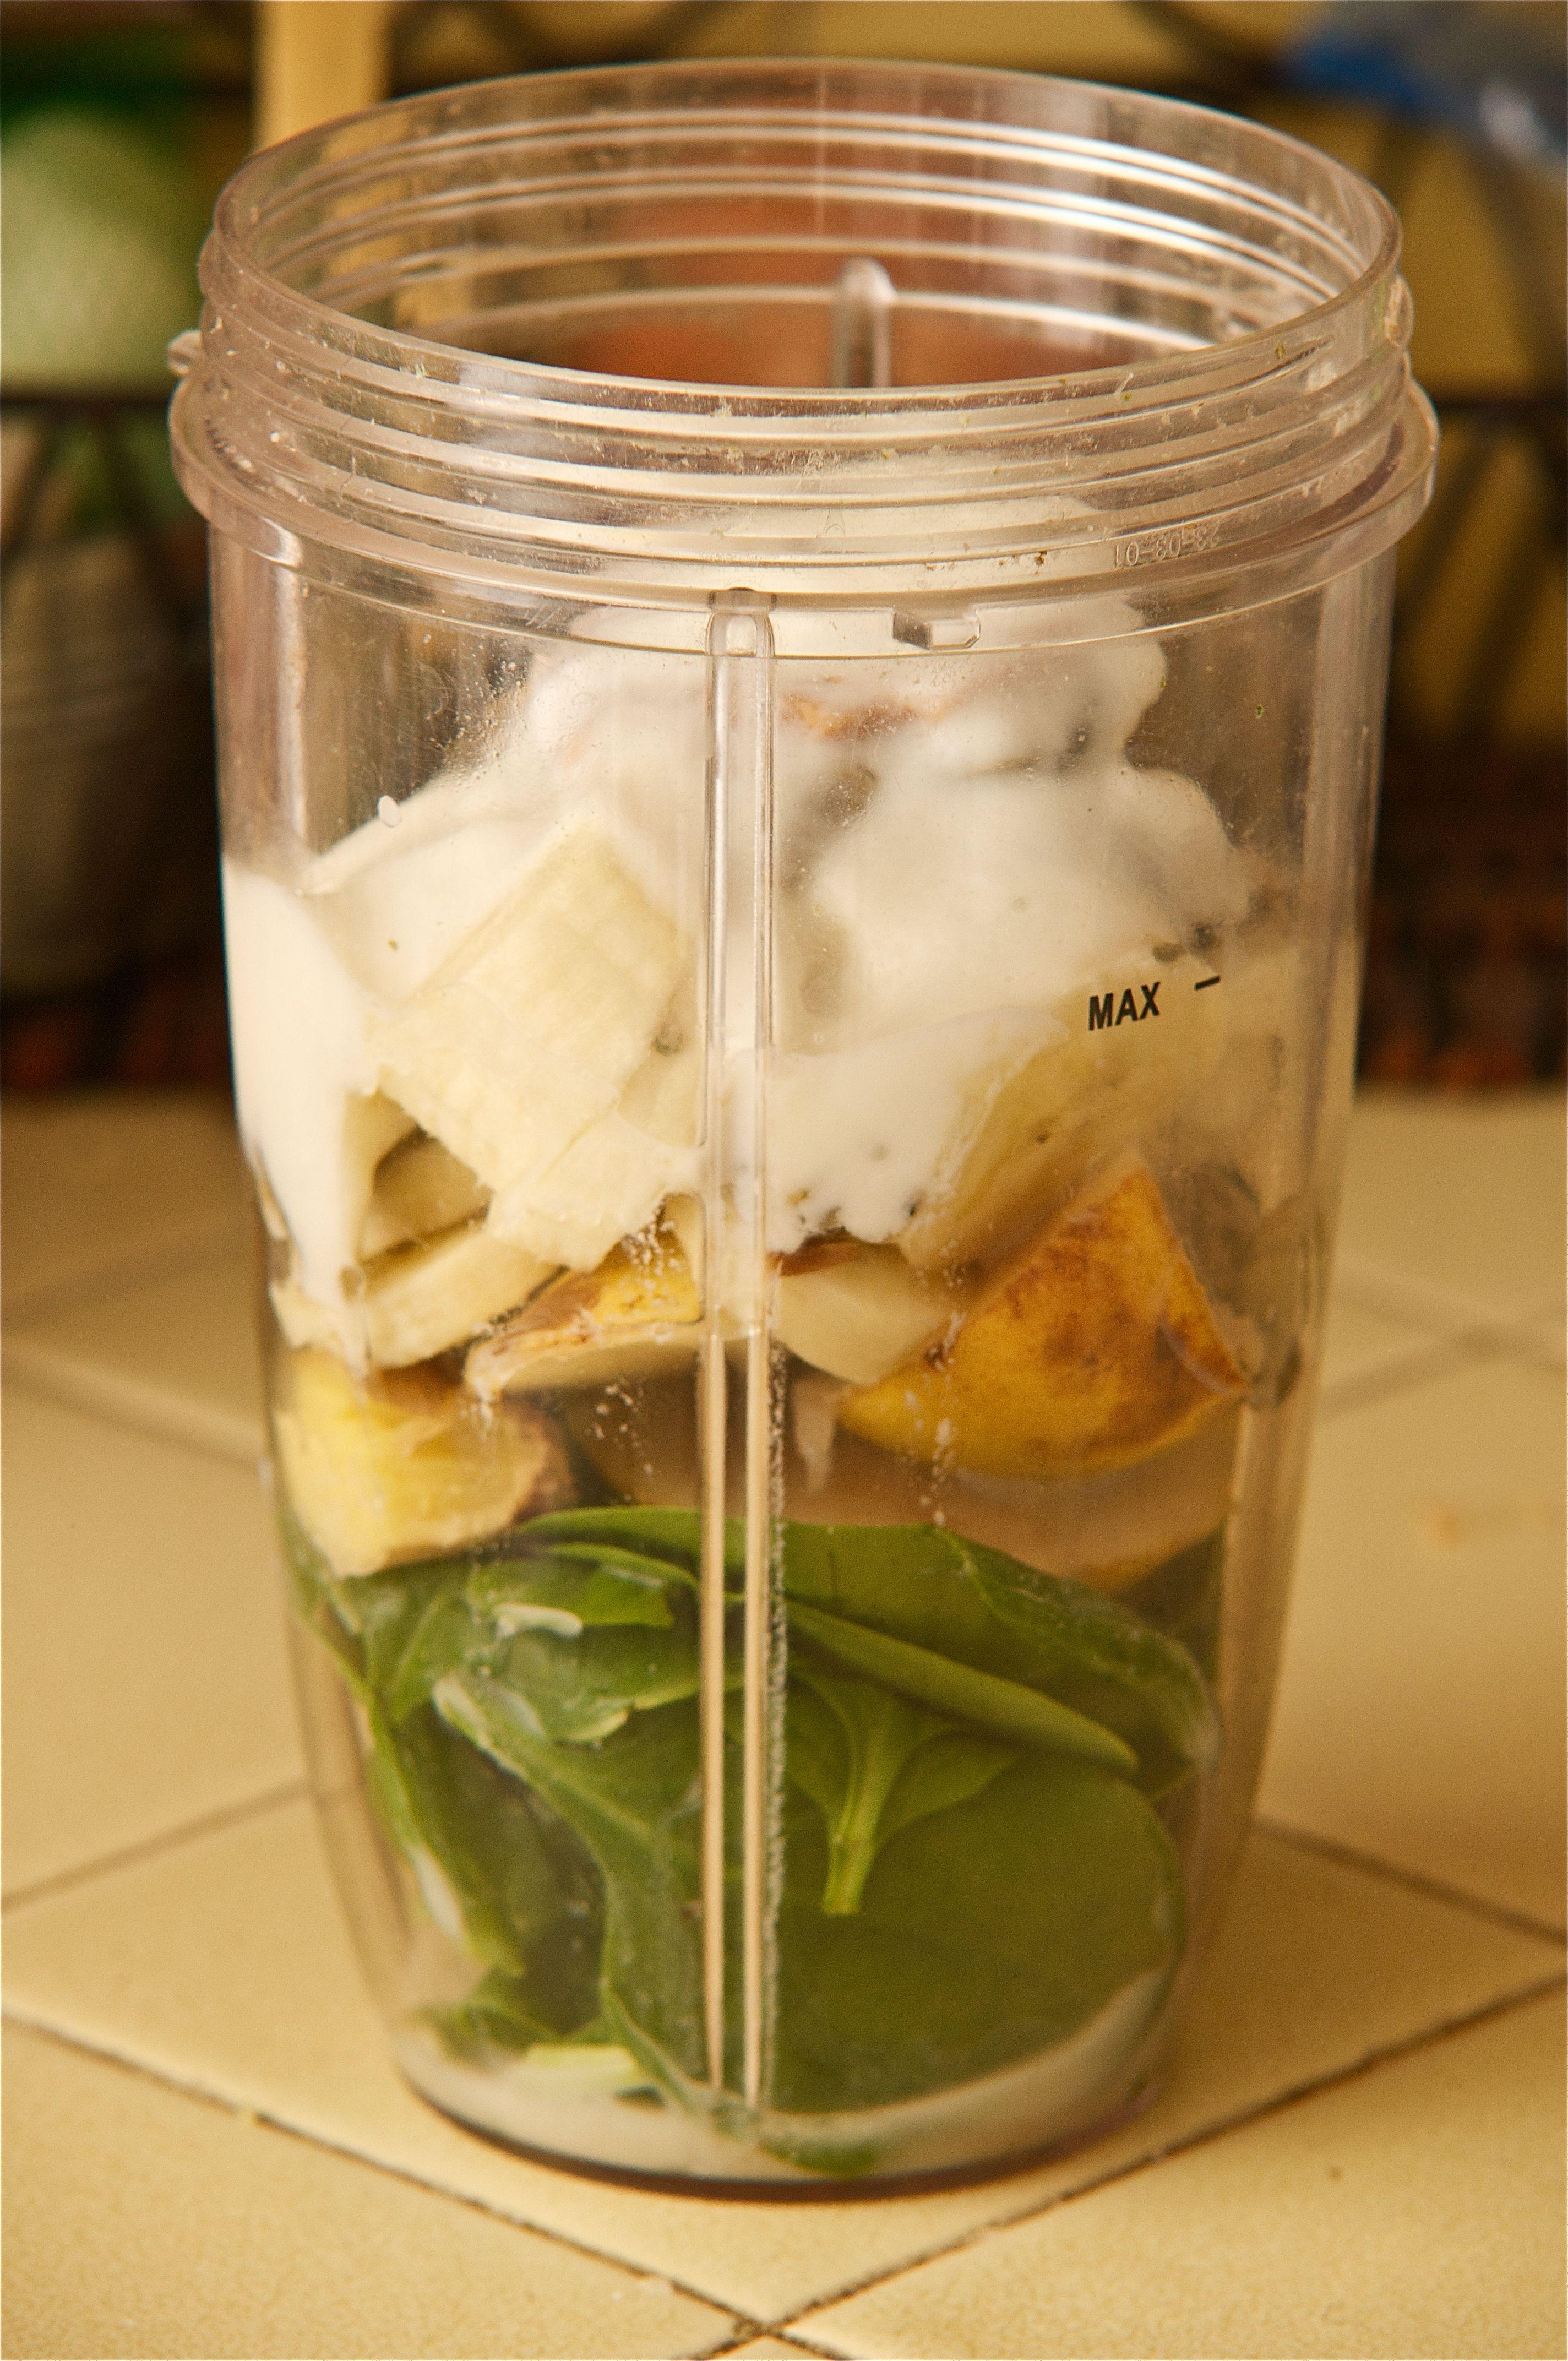 Spinach, Banana, Fresh Ginger Root (1/4 - 1/2 inch piece), Pear, Pumpkin Seeds, Peanut Butter (1/2-1 tsp), Yogurt, Add Coconut Milk & Blend.